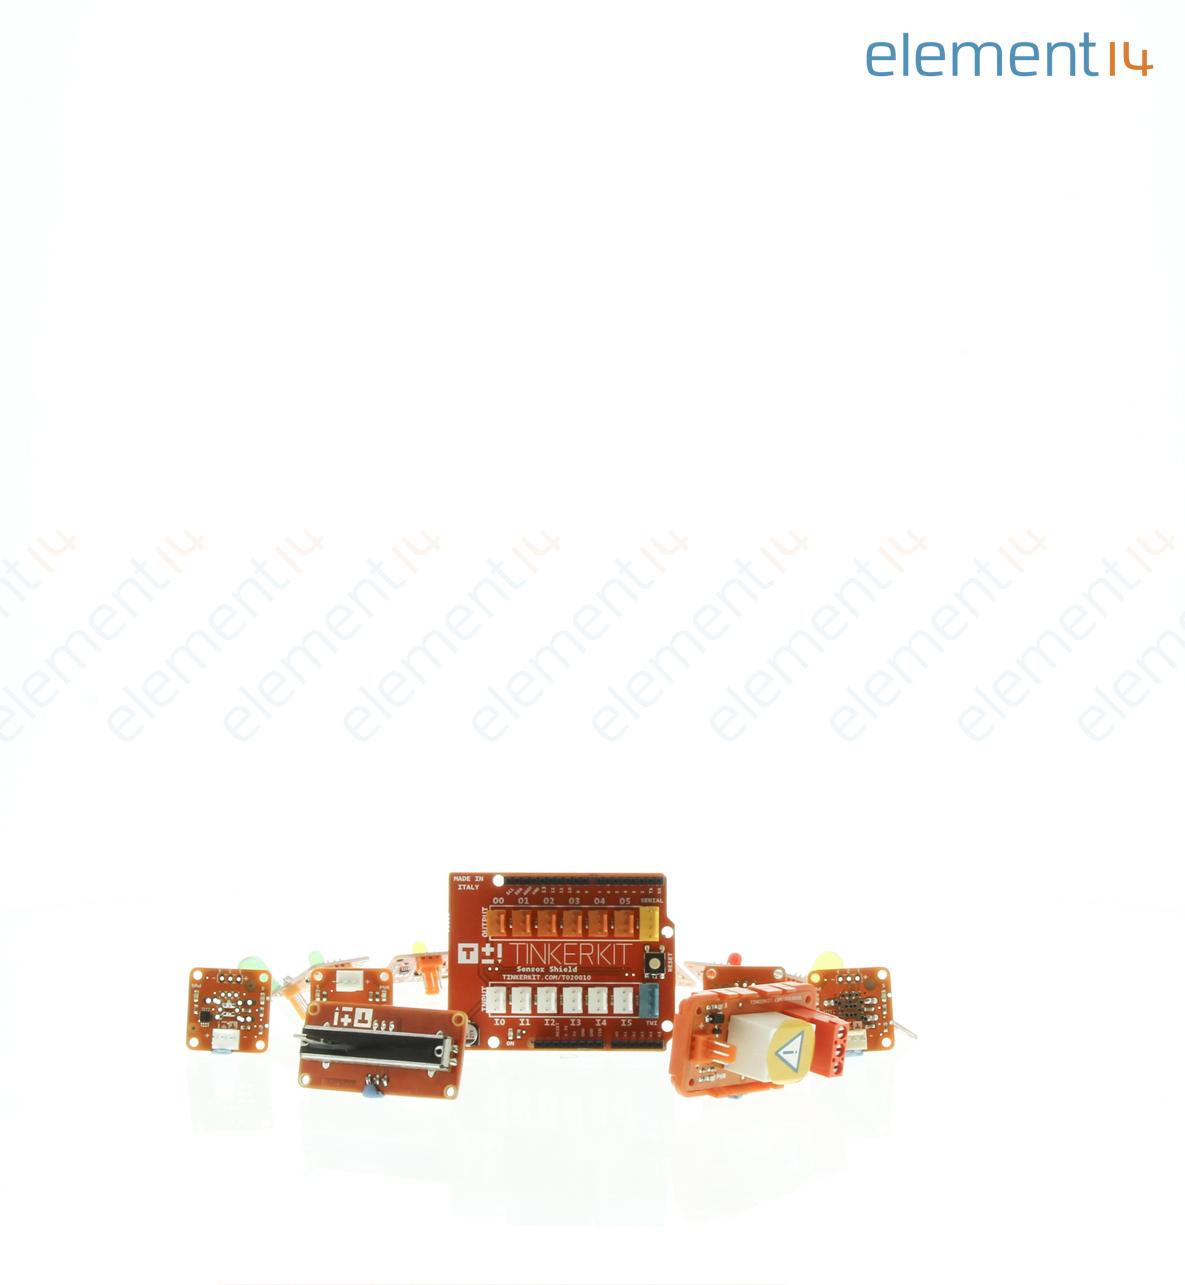 K arduino starter kit tinkerkit